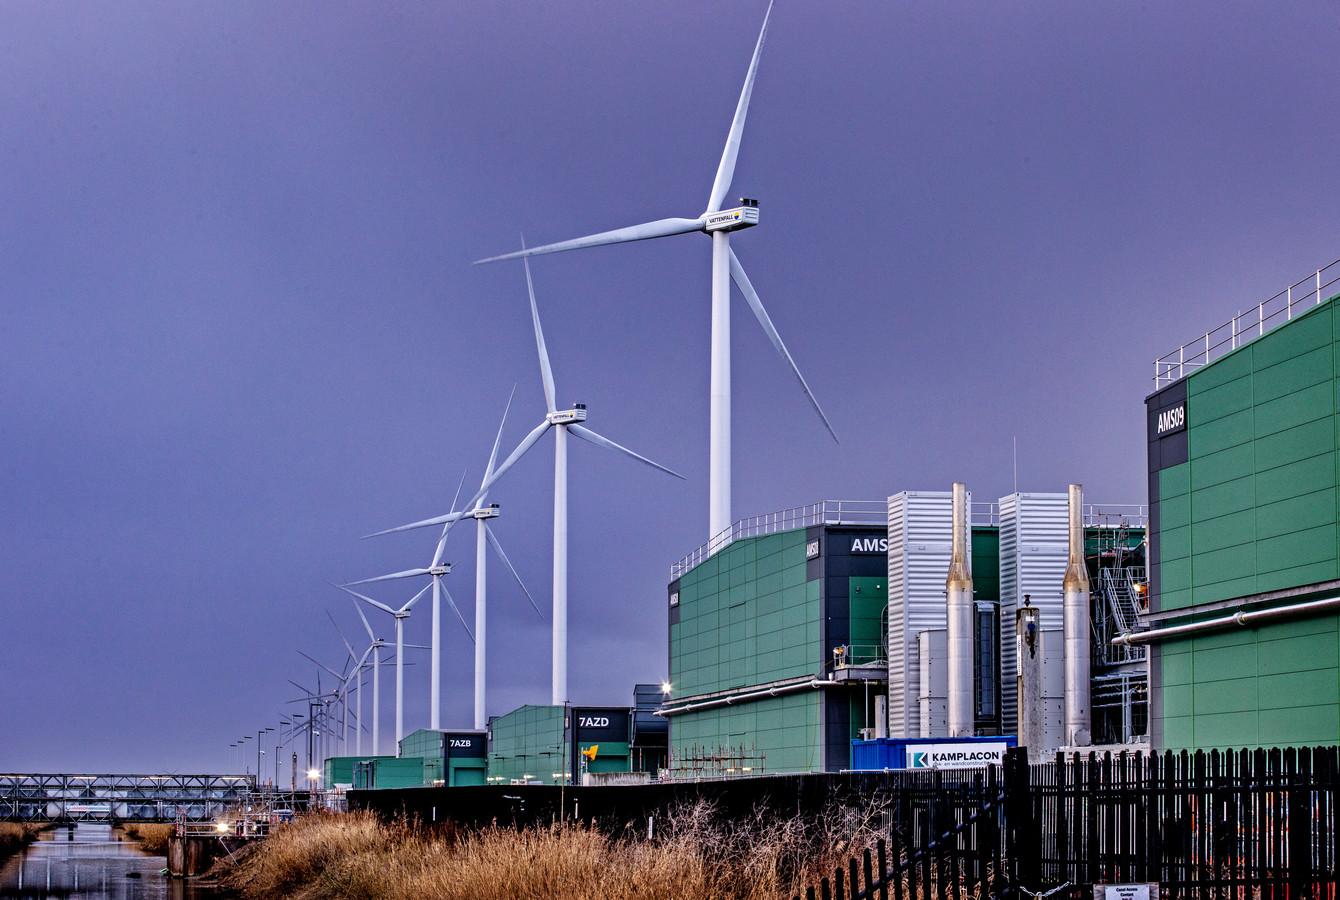 De Vattenfall-molens Agriport langs de A7, op de voorgrond industrieterrein Hollands Kroon.